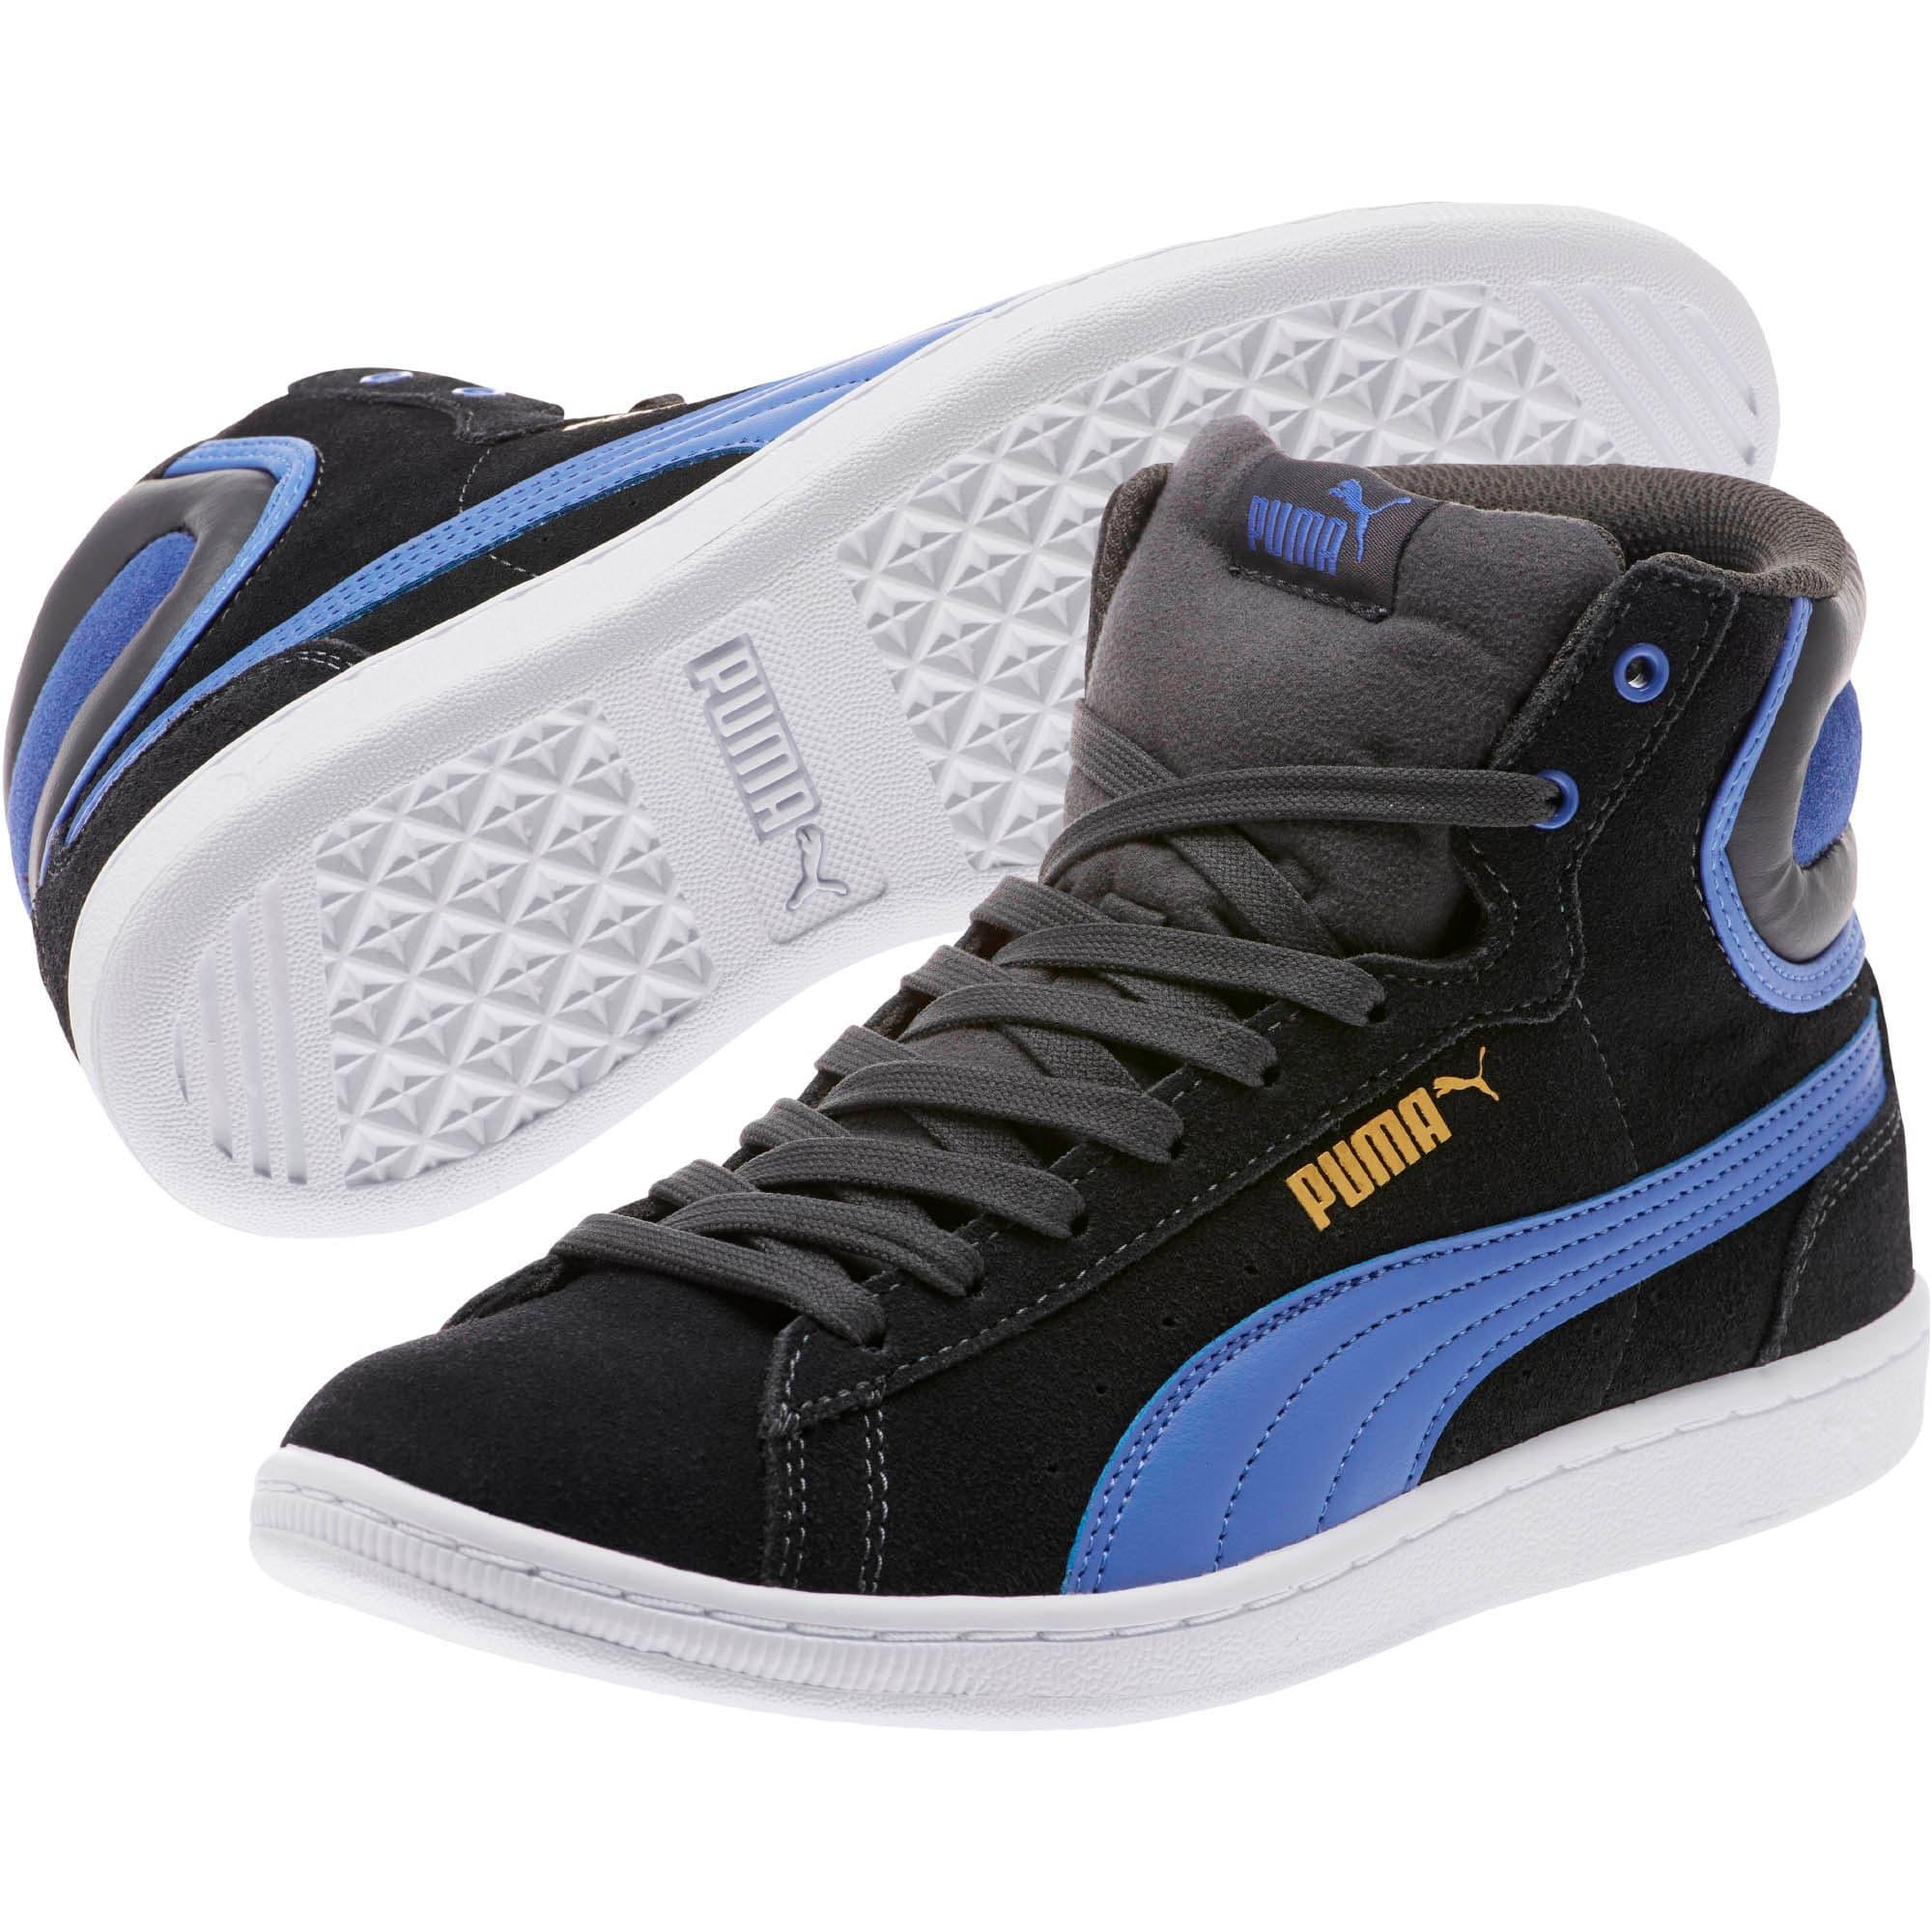 Thumbnail 2 of Vikky Mid Women's High Top Sneakers, Asphalt-Baja Blue, medium